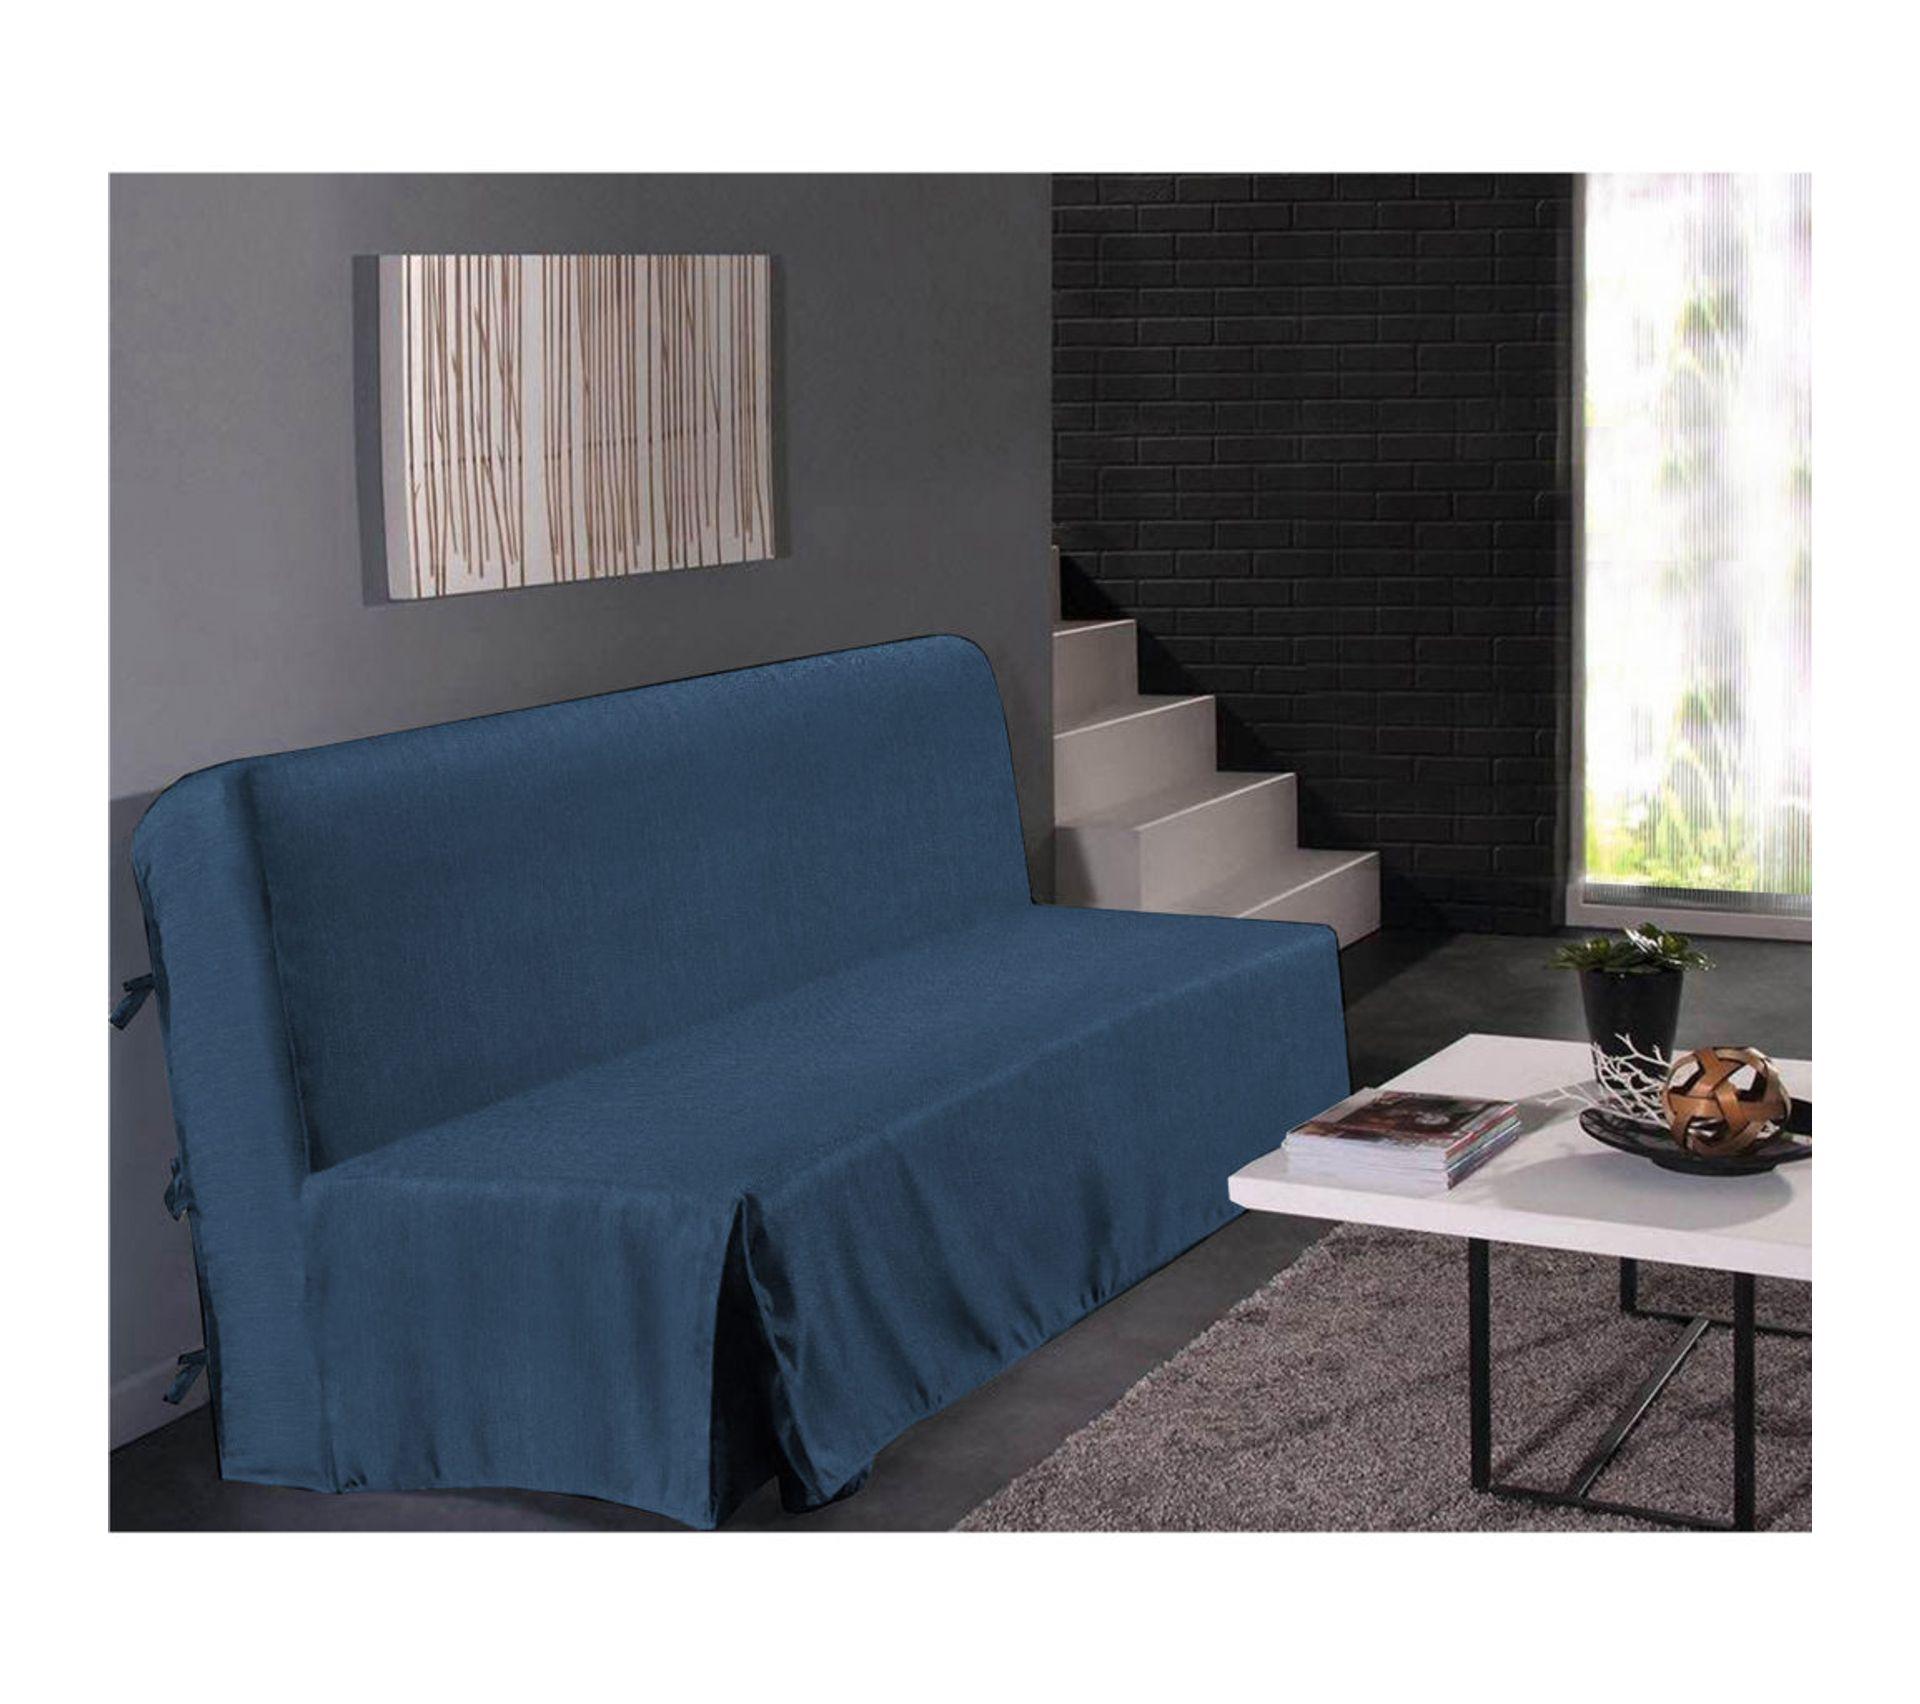 Housse De Clic Clac Aspect Lin 3 Places Bleu Dimensions : 200x200 cm